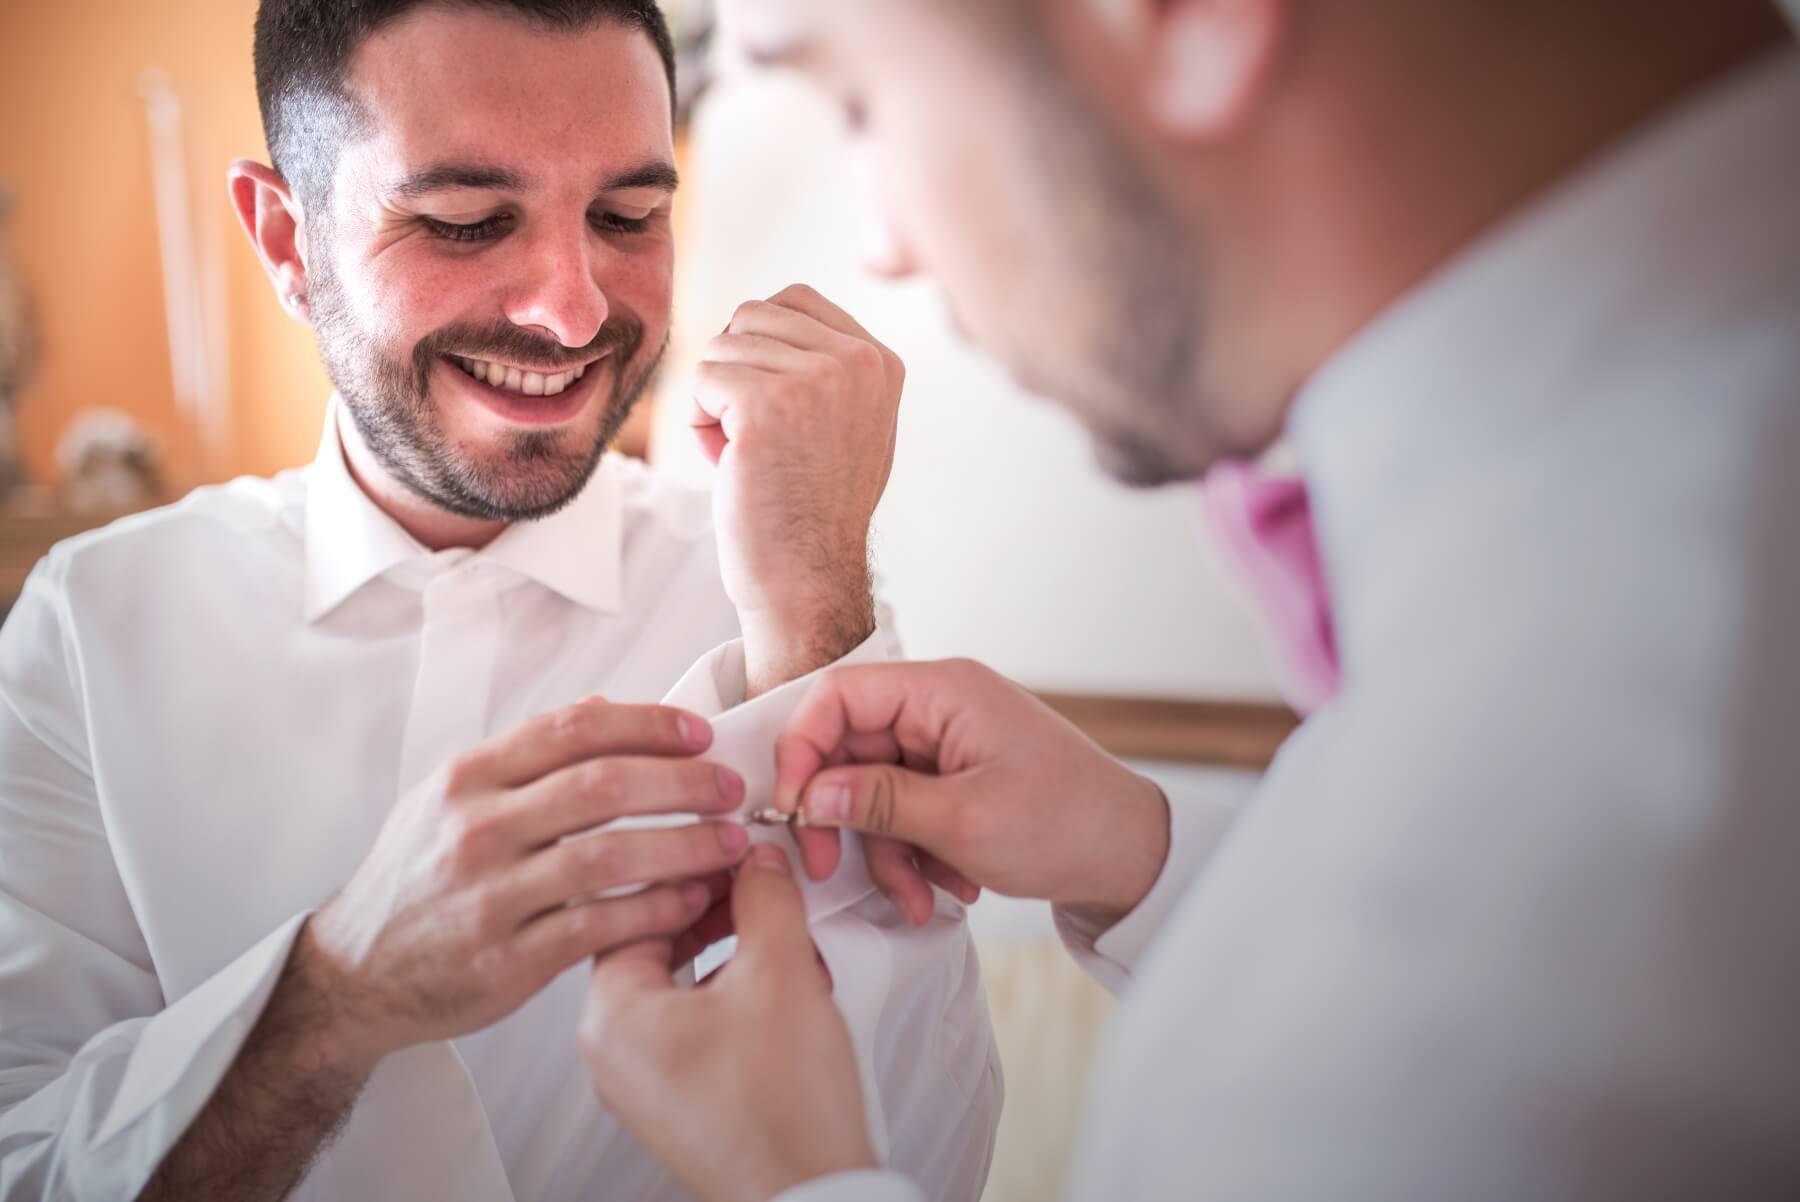 La vestizione dello sposo. Debora e Fabio sposi in spiaggia a Barisardo, Sardegna. Beniamino Lai, Fotografo professionista di Matrimonio in Sardegna.